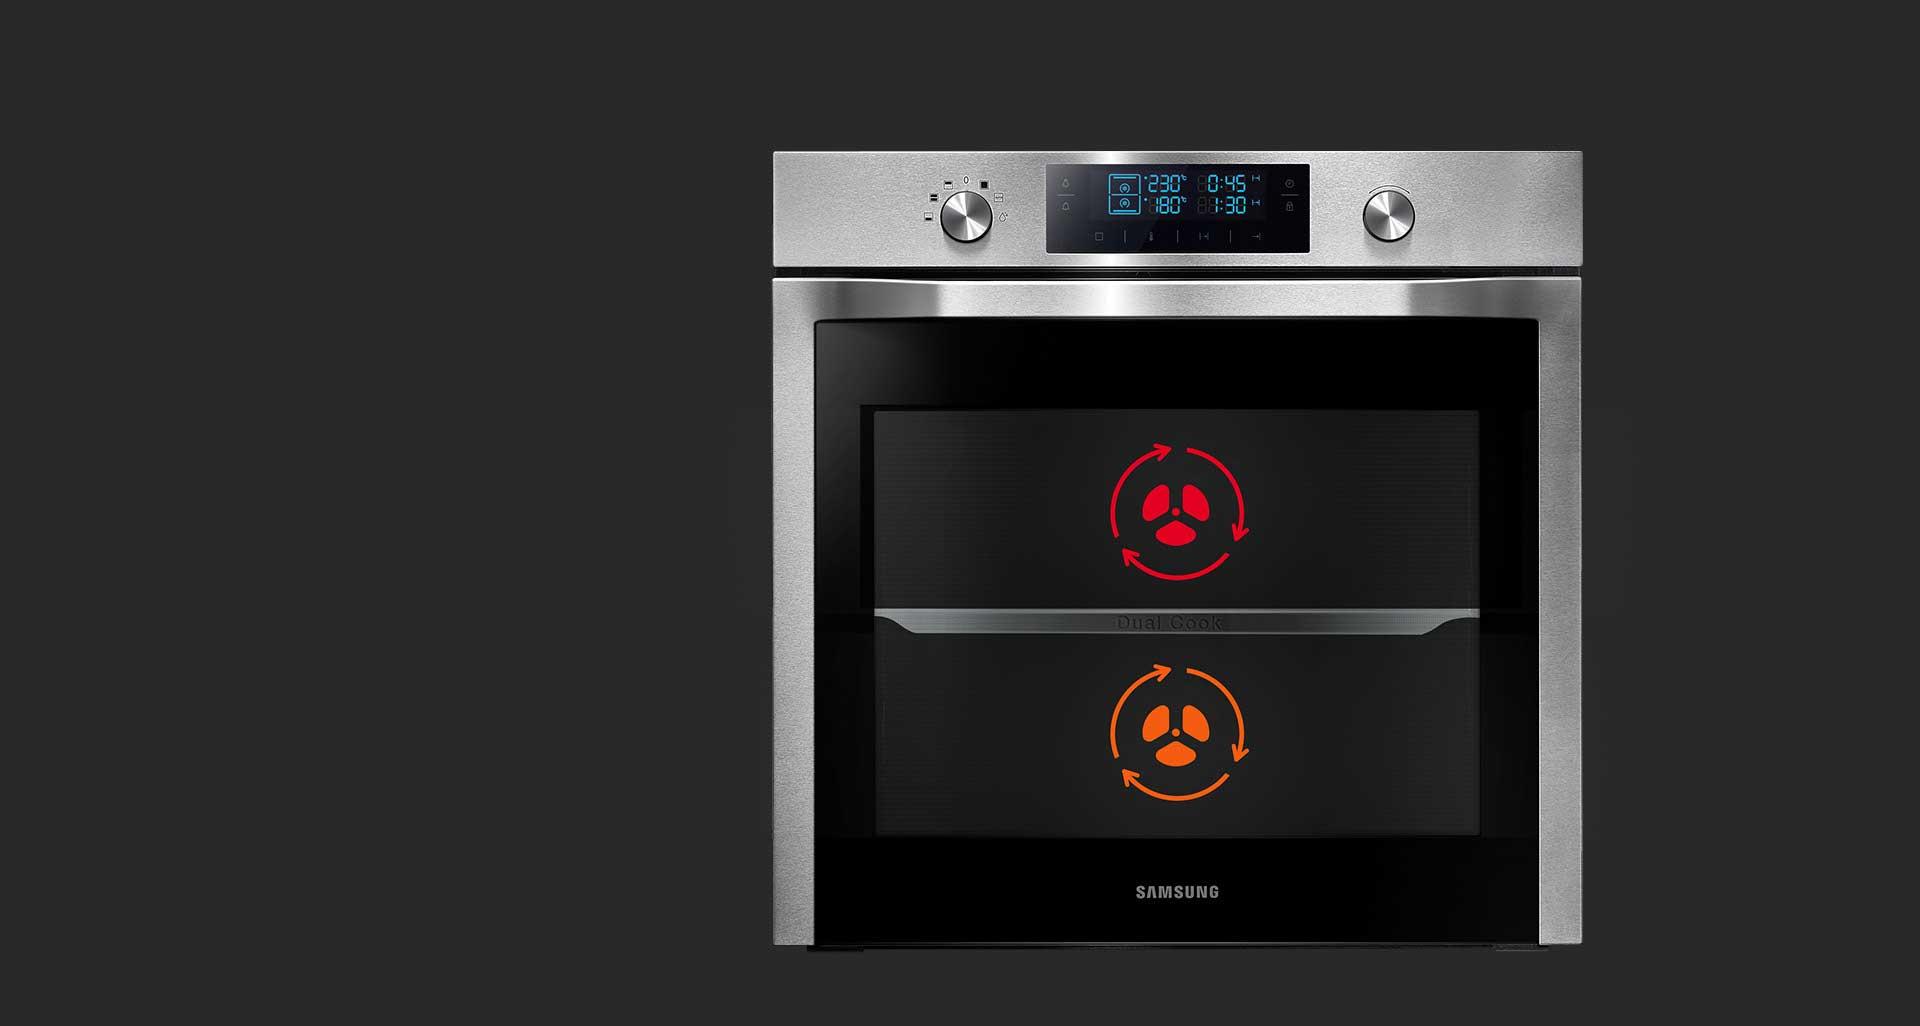 قابلیت پخت دو غذا به صورت همزمان در فر 70 لیتری سامسونگ